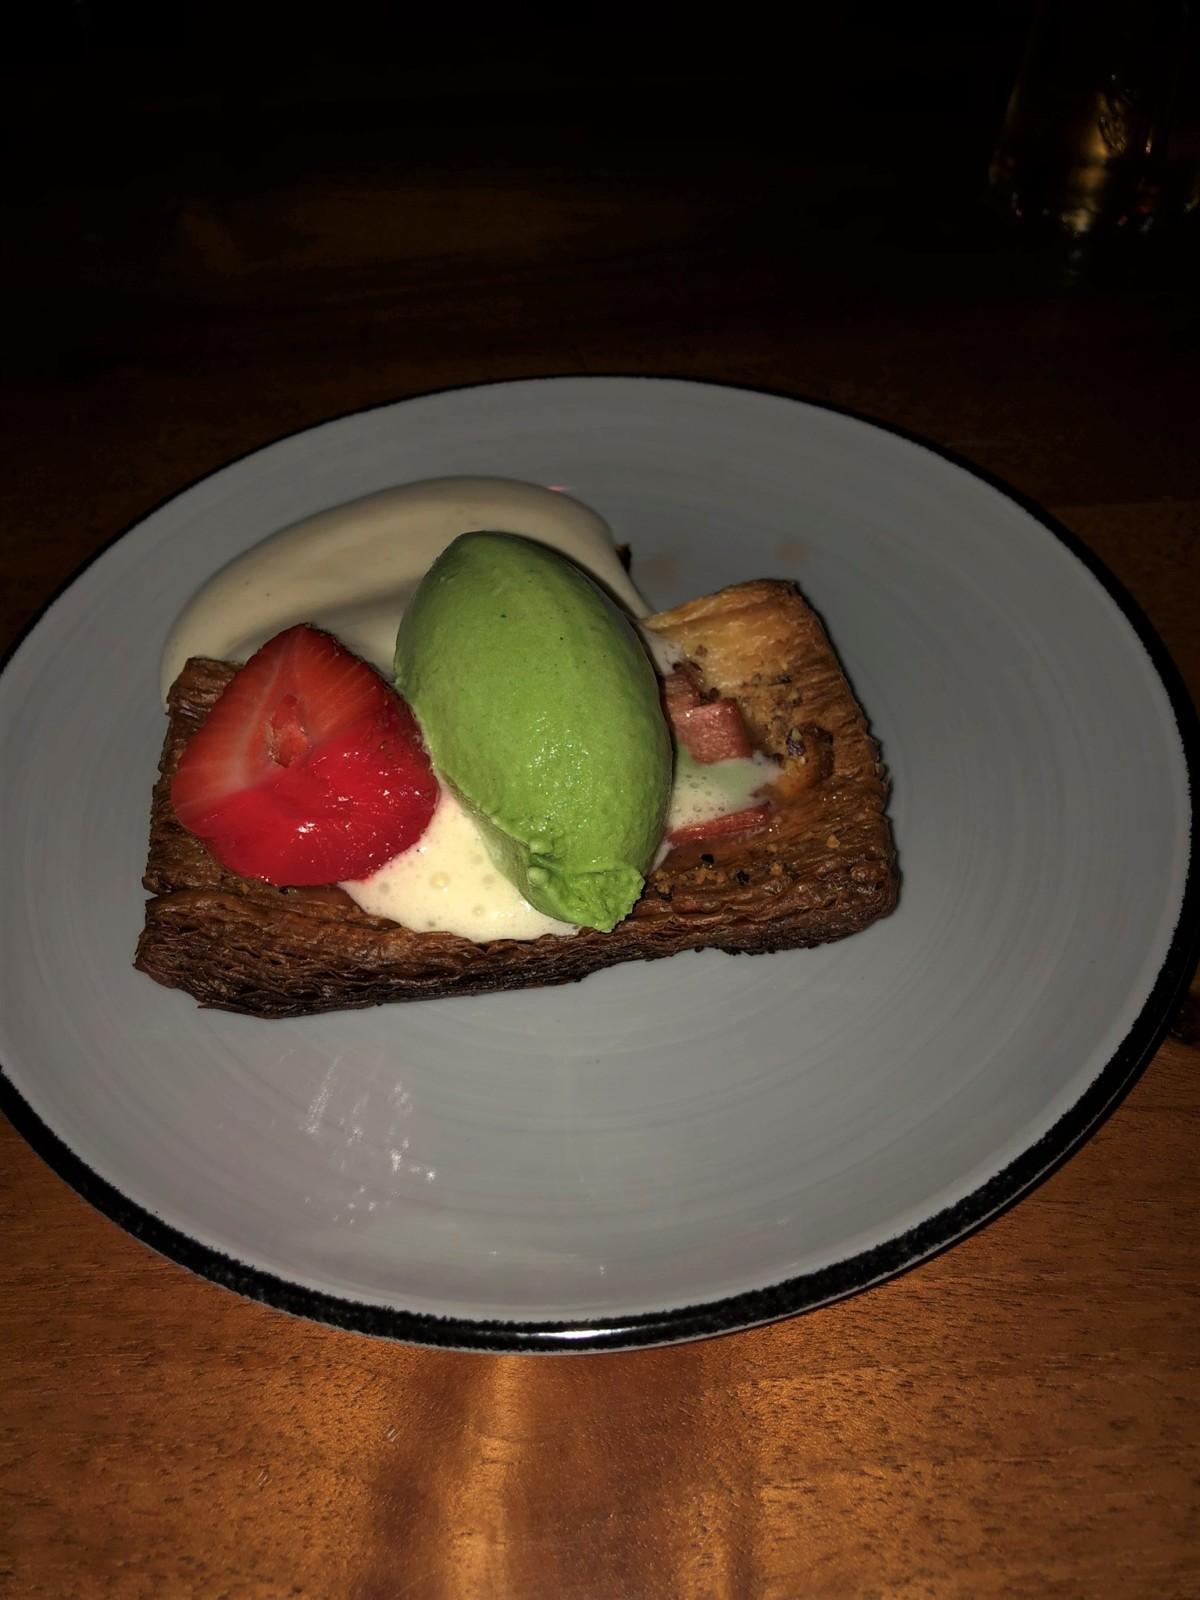 Frühlingshafte Farben im Dessert. Foto: Lunchgate/David